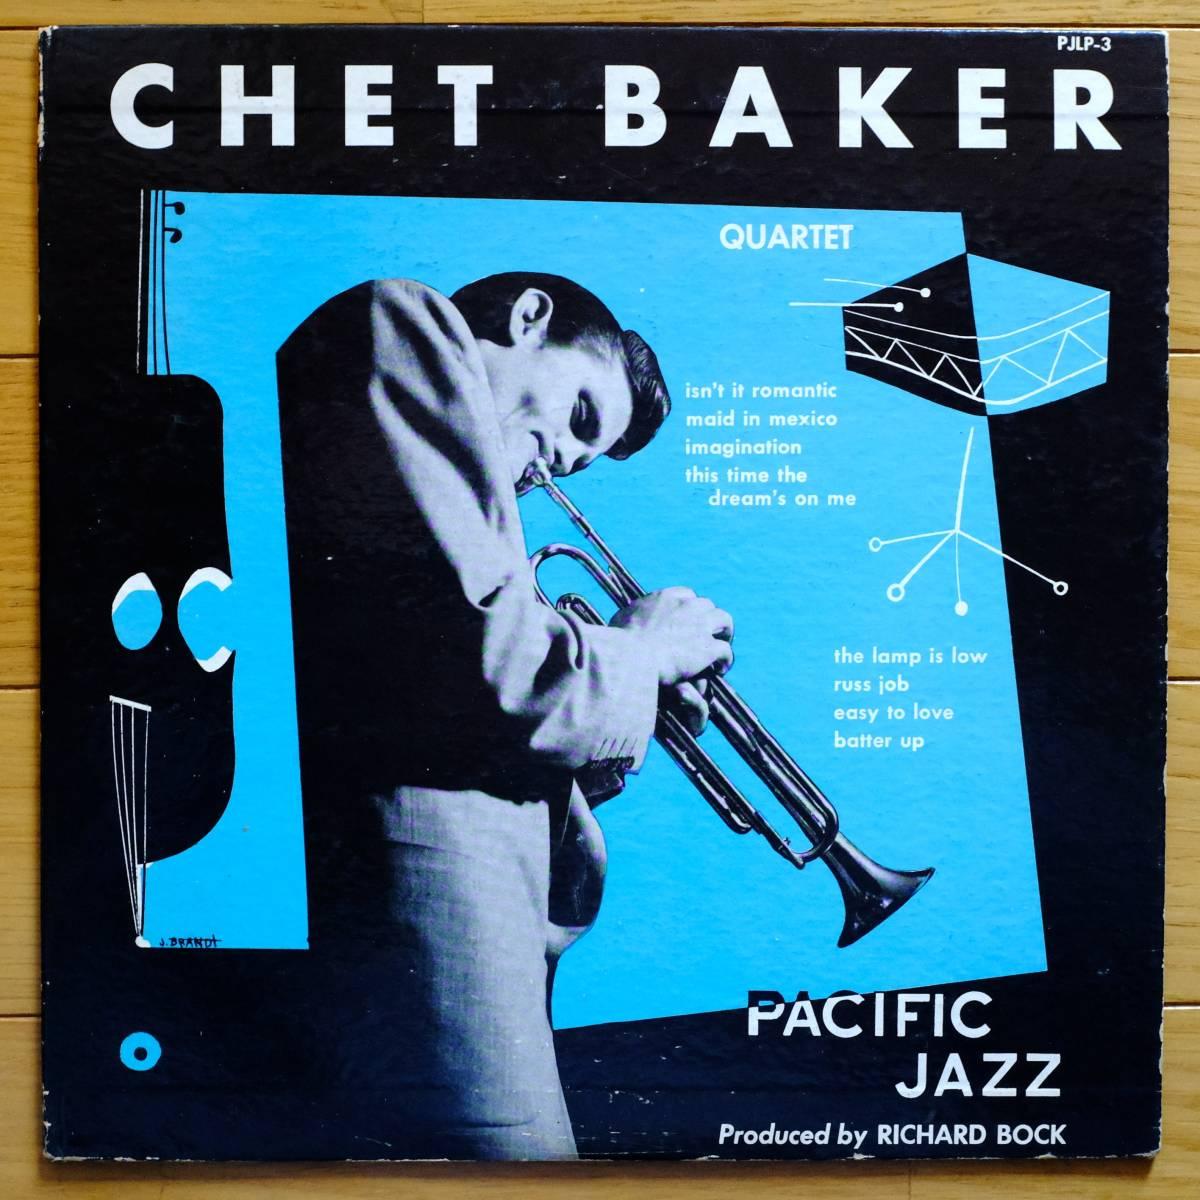 Pacific Jazz PJ-LP3 【The Chet Baker Quartet 】10インチ 極めて良好 フラット盤